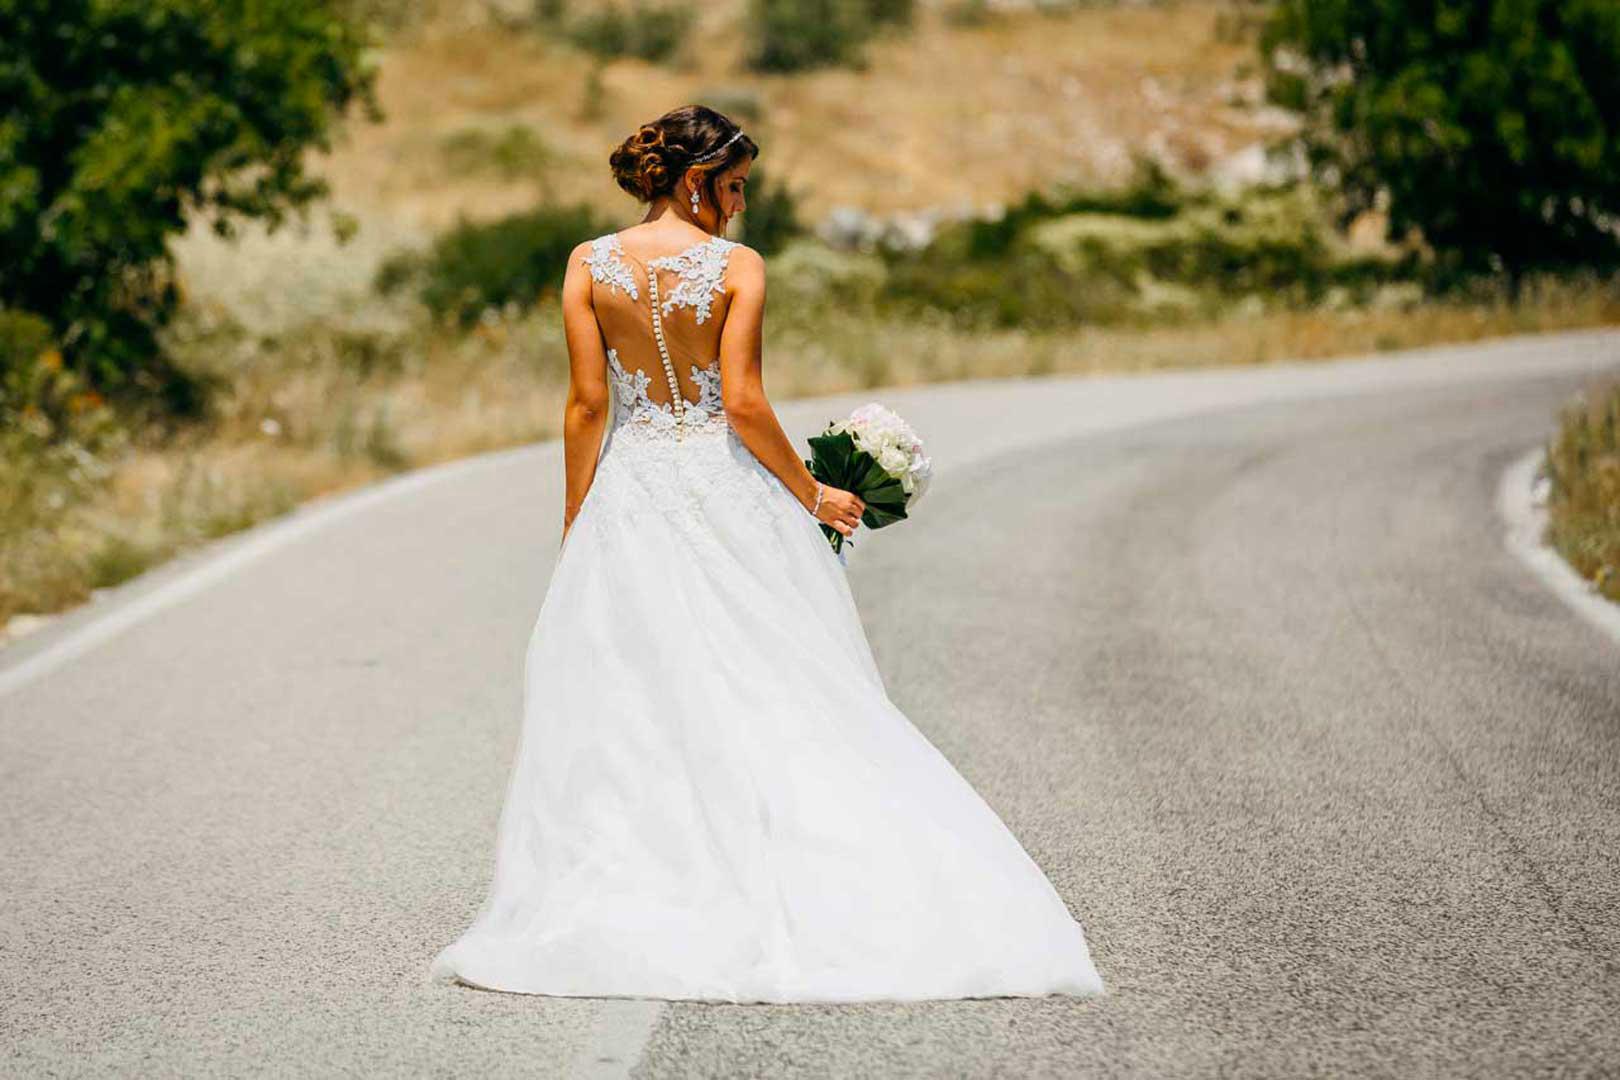 029-wedding-italy-gianni-lepore-fotografo